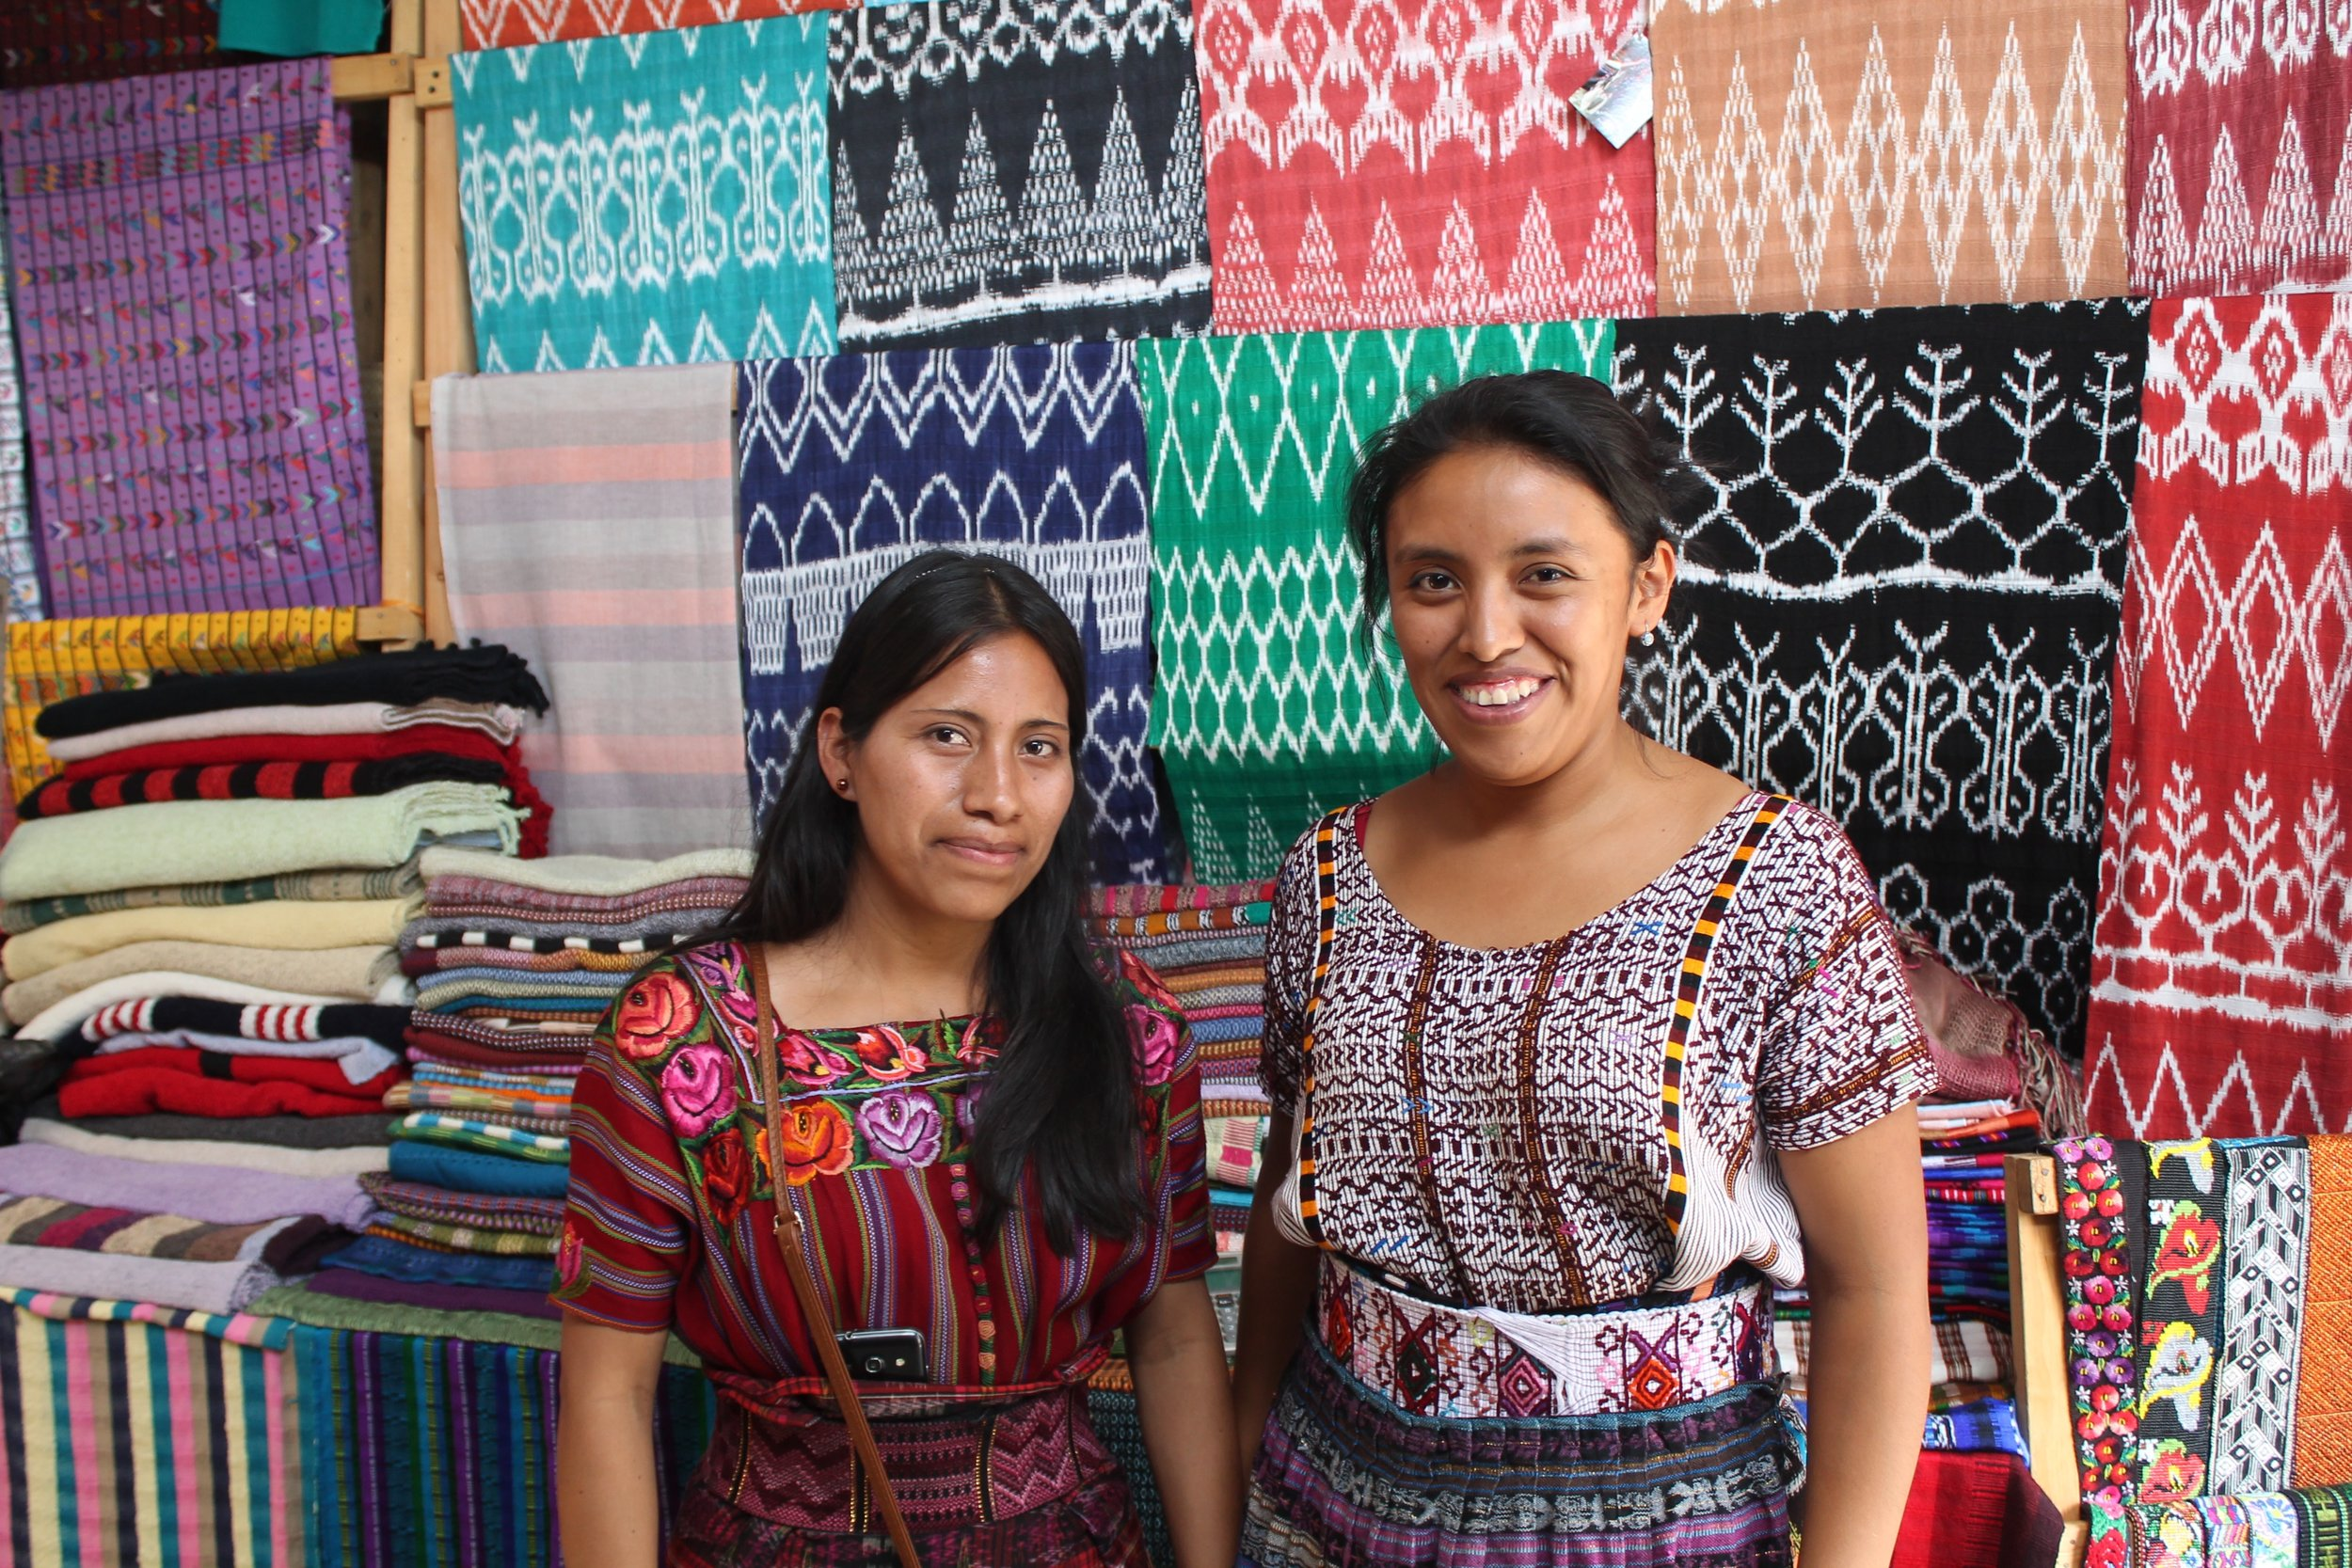 Photo taken during UT Austin's GROW internship in Guatemala (2016).